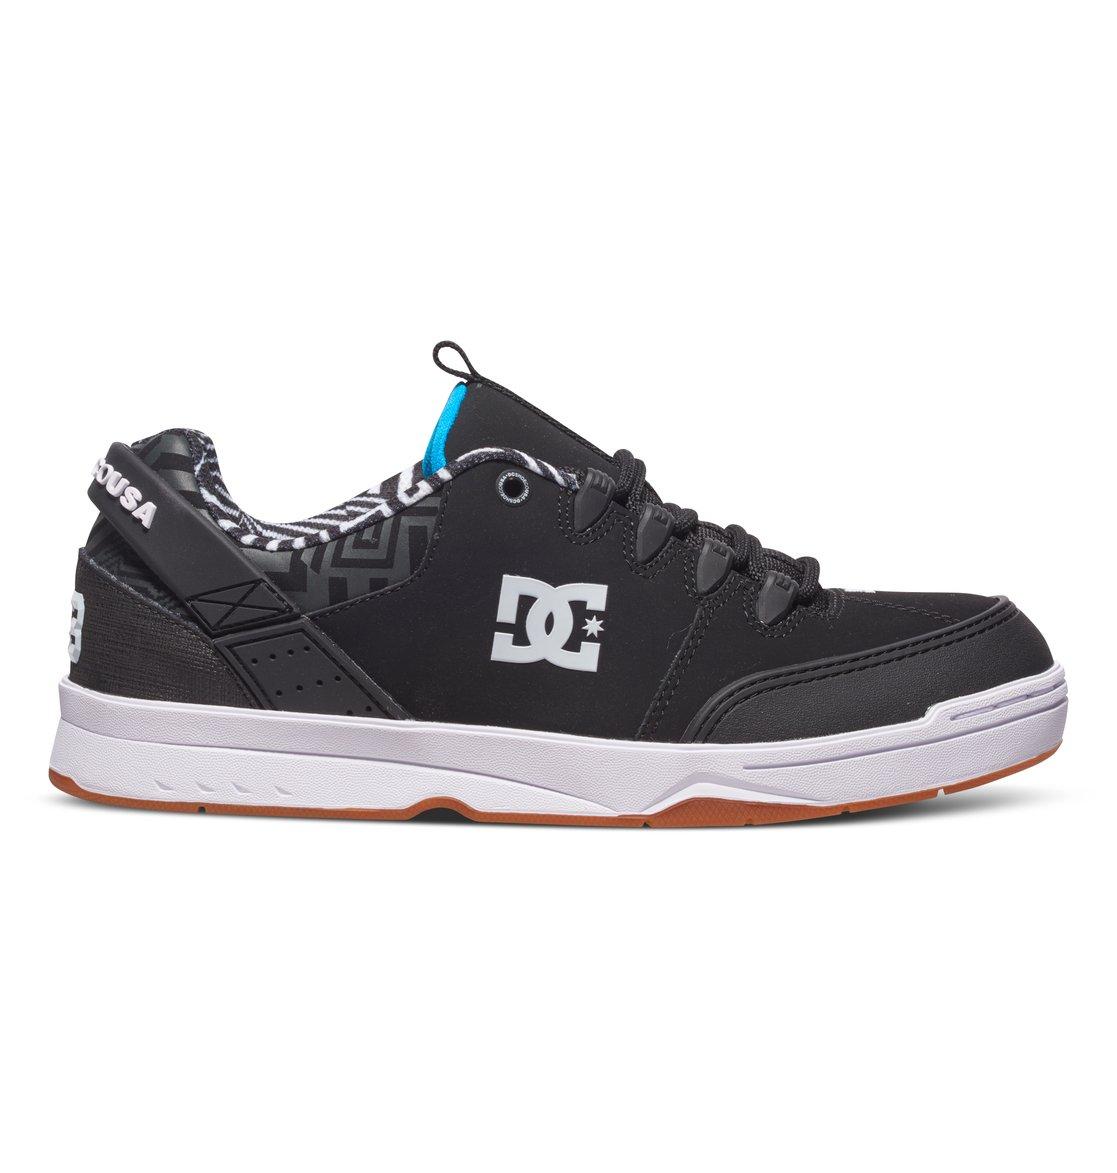 dc shoes Syntax - Scarpe da Uomo - Blue - DC Shoes 9iDxmx7Vwv